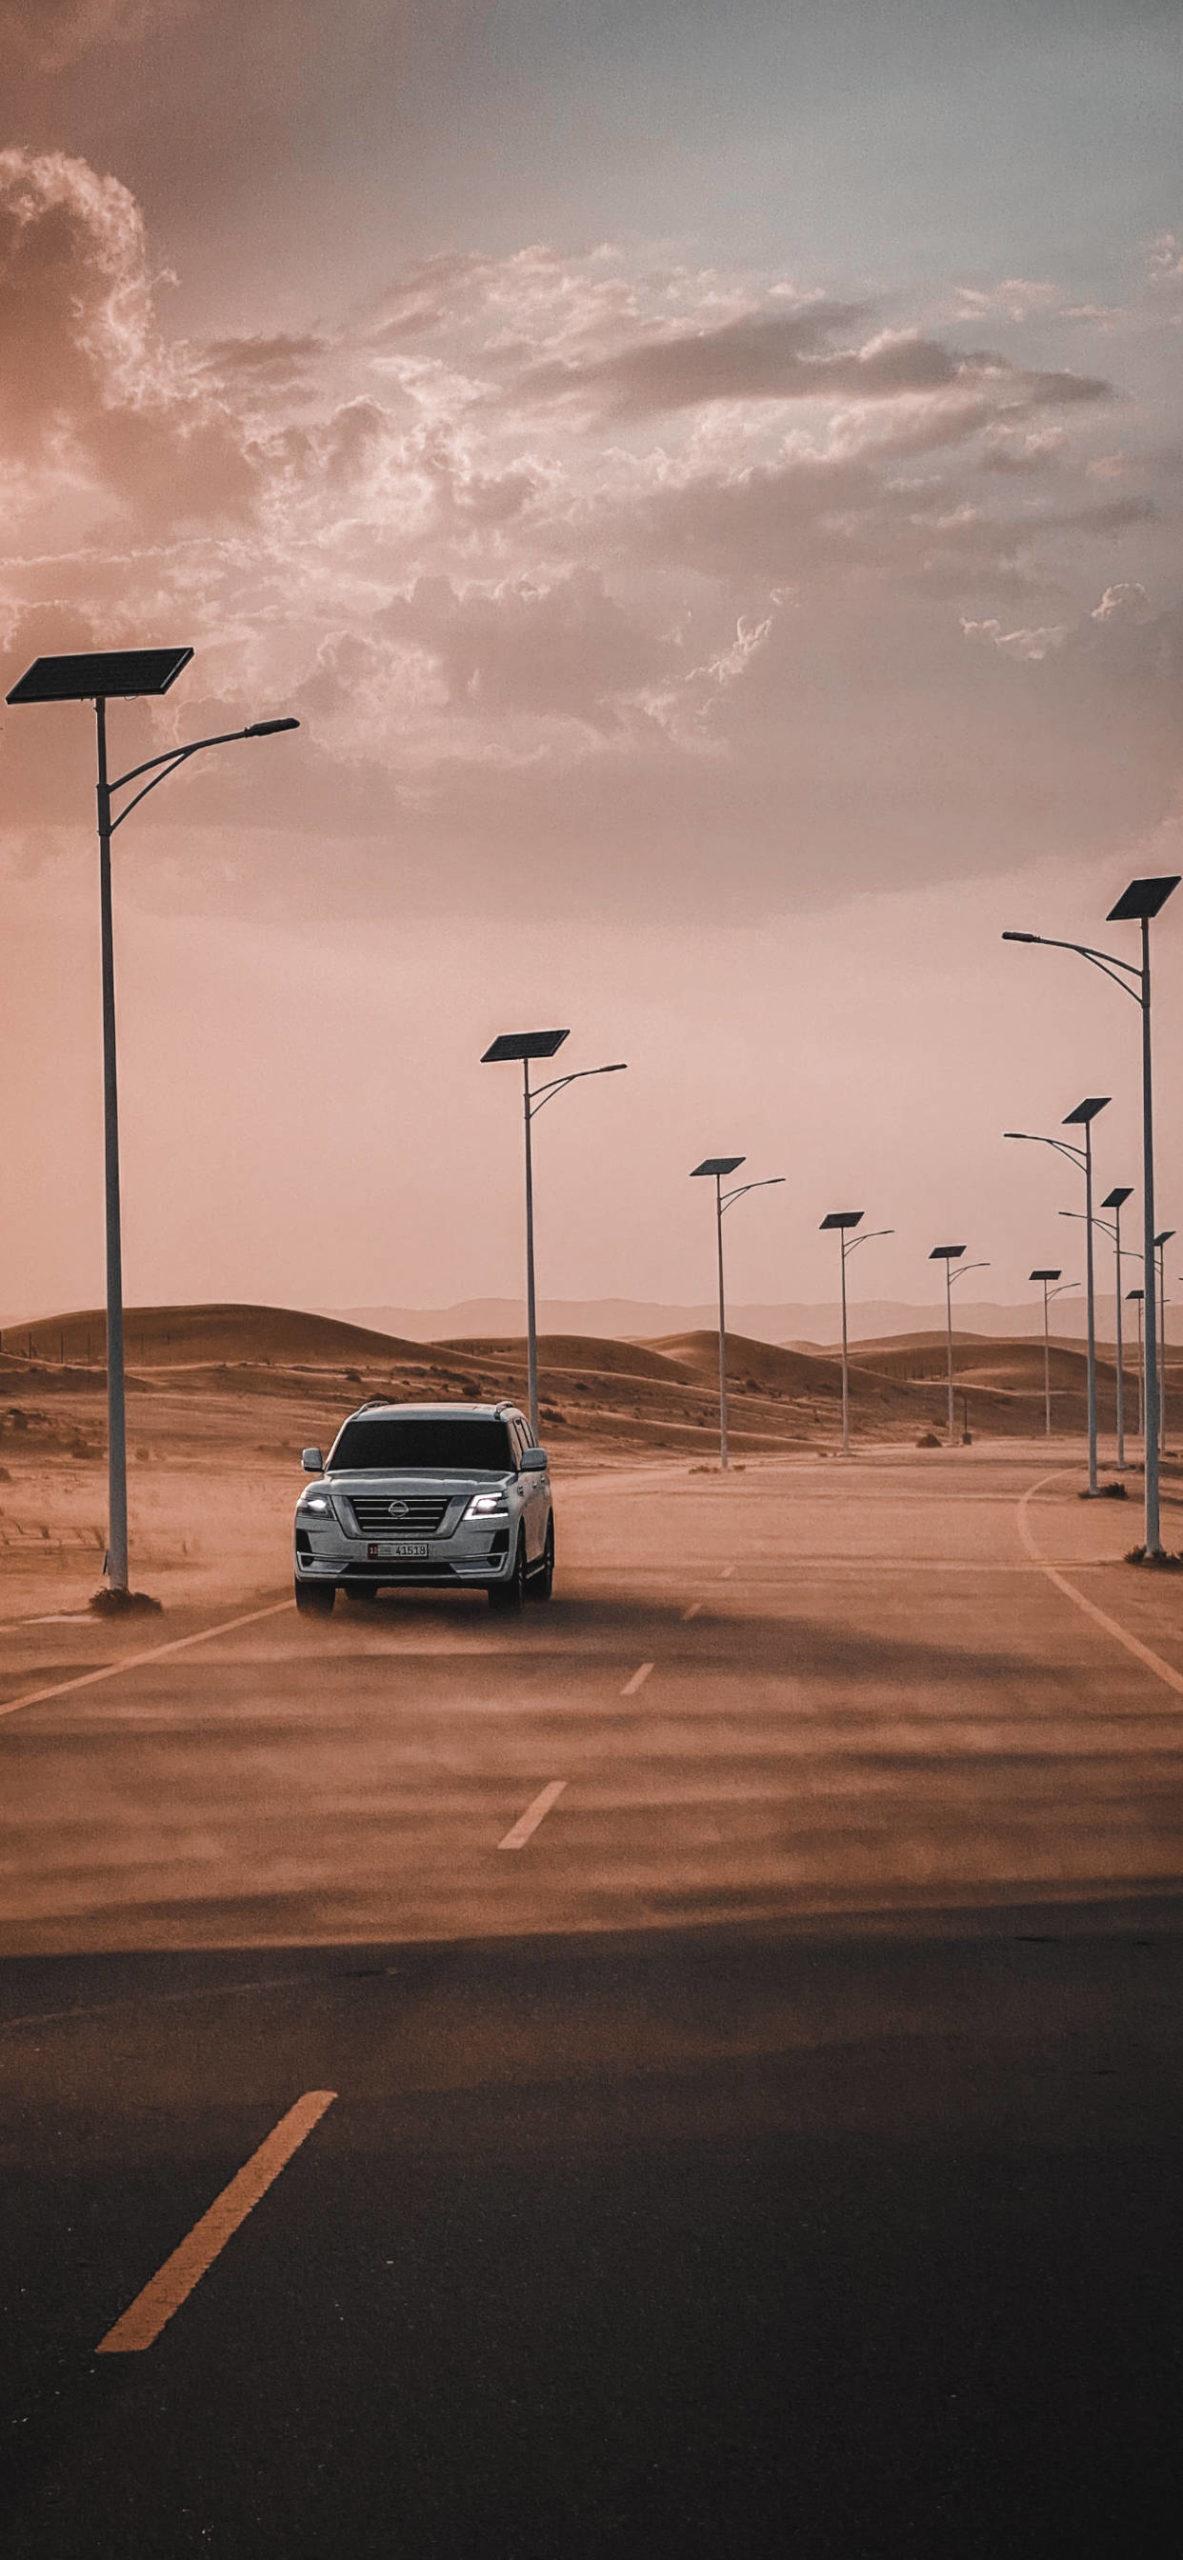 iPhone wallpapers desert car scaled Desert